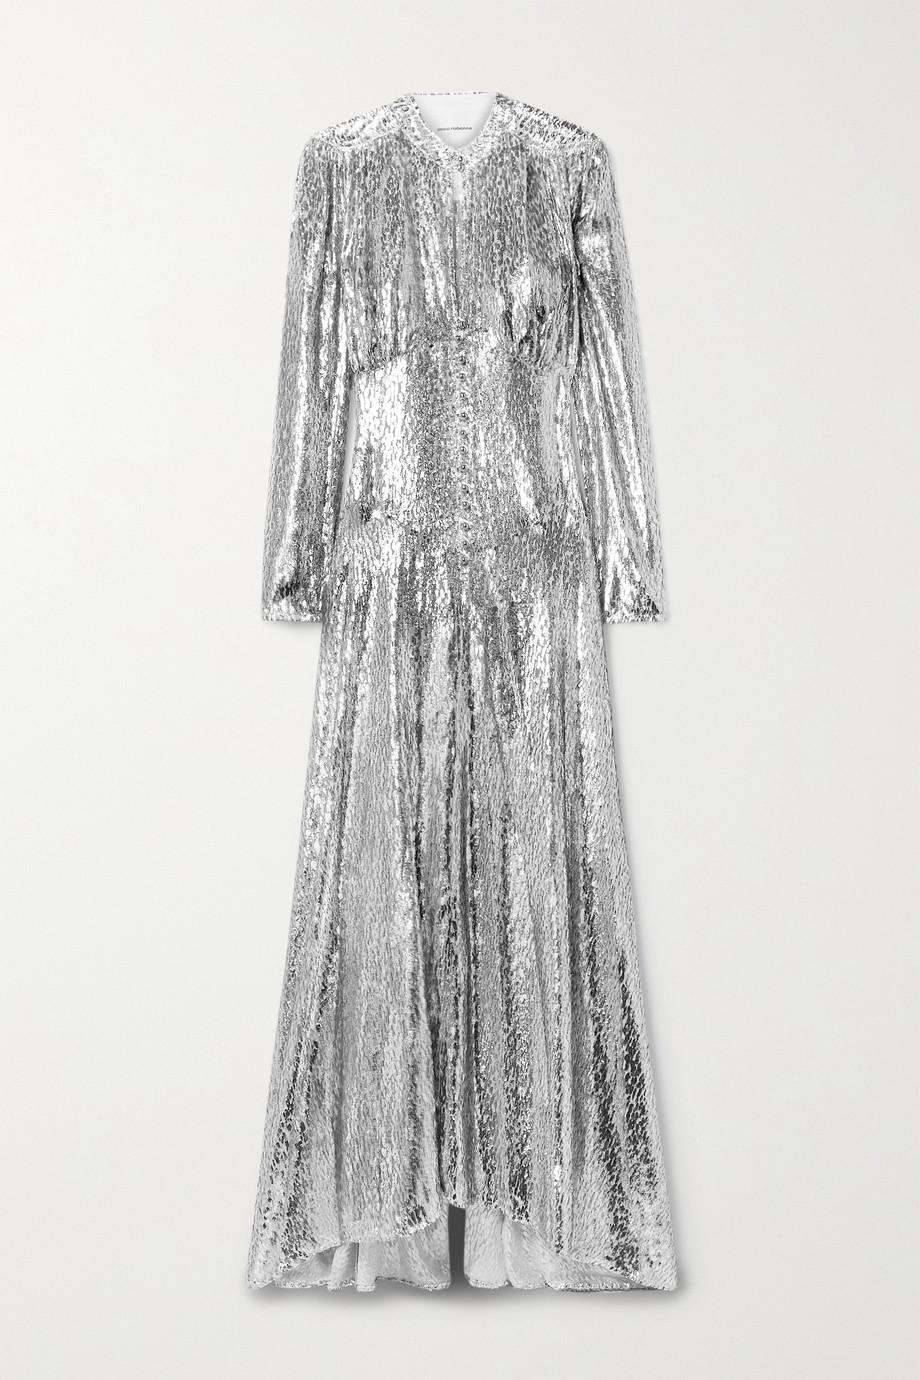 Paco Rabanne Metallic fil coupé chiffon gown